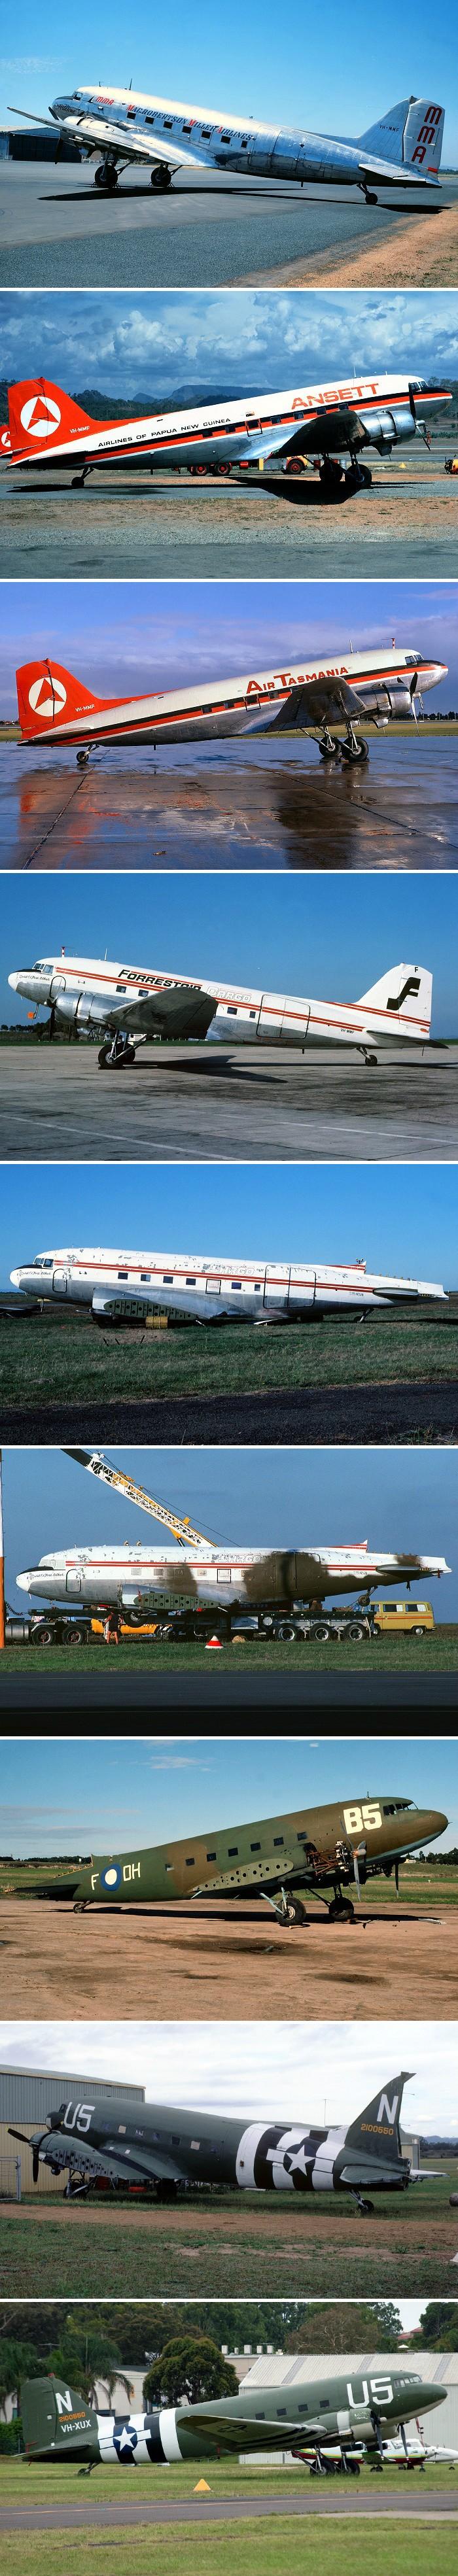 Re:[原创]【chenchangCC】最后的飞行,再见老兵!再见C-47!